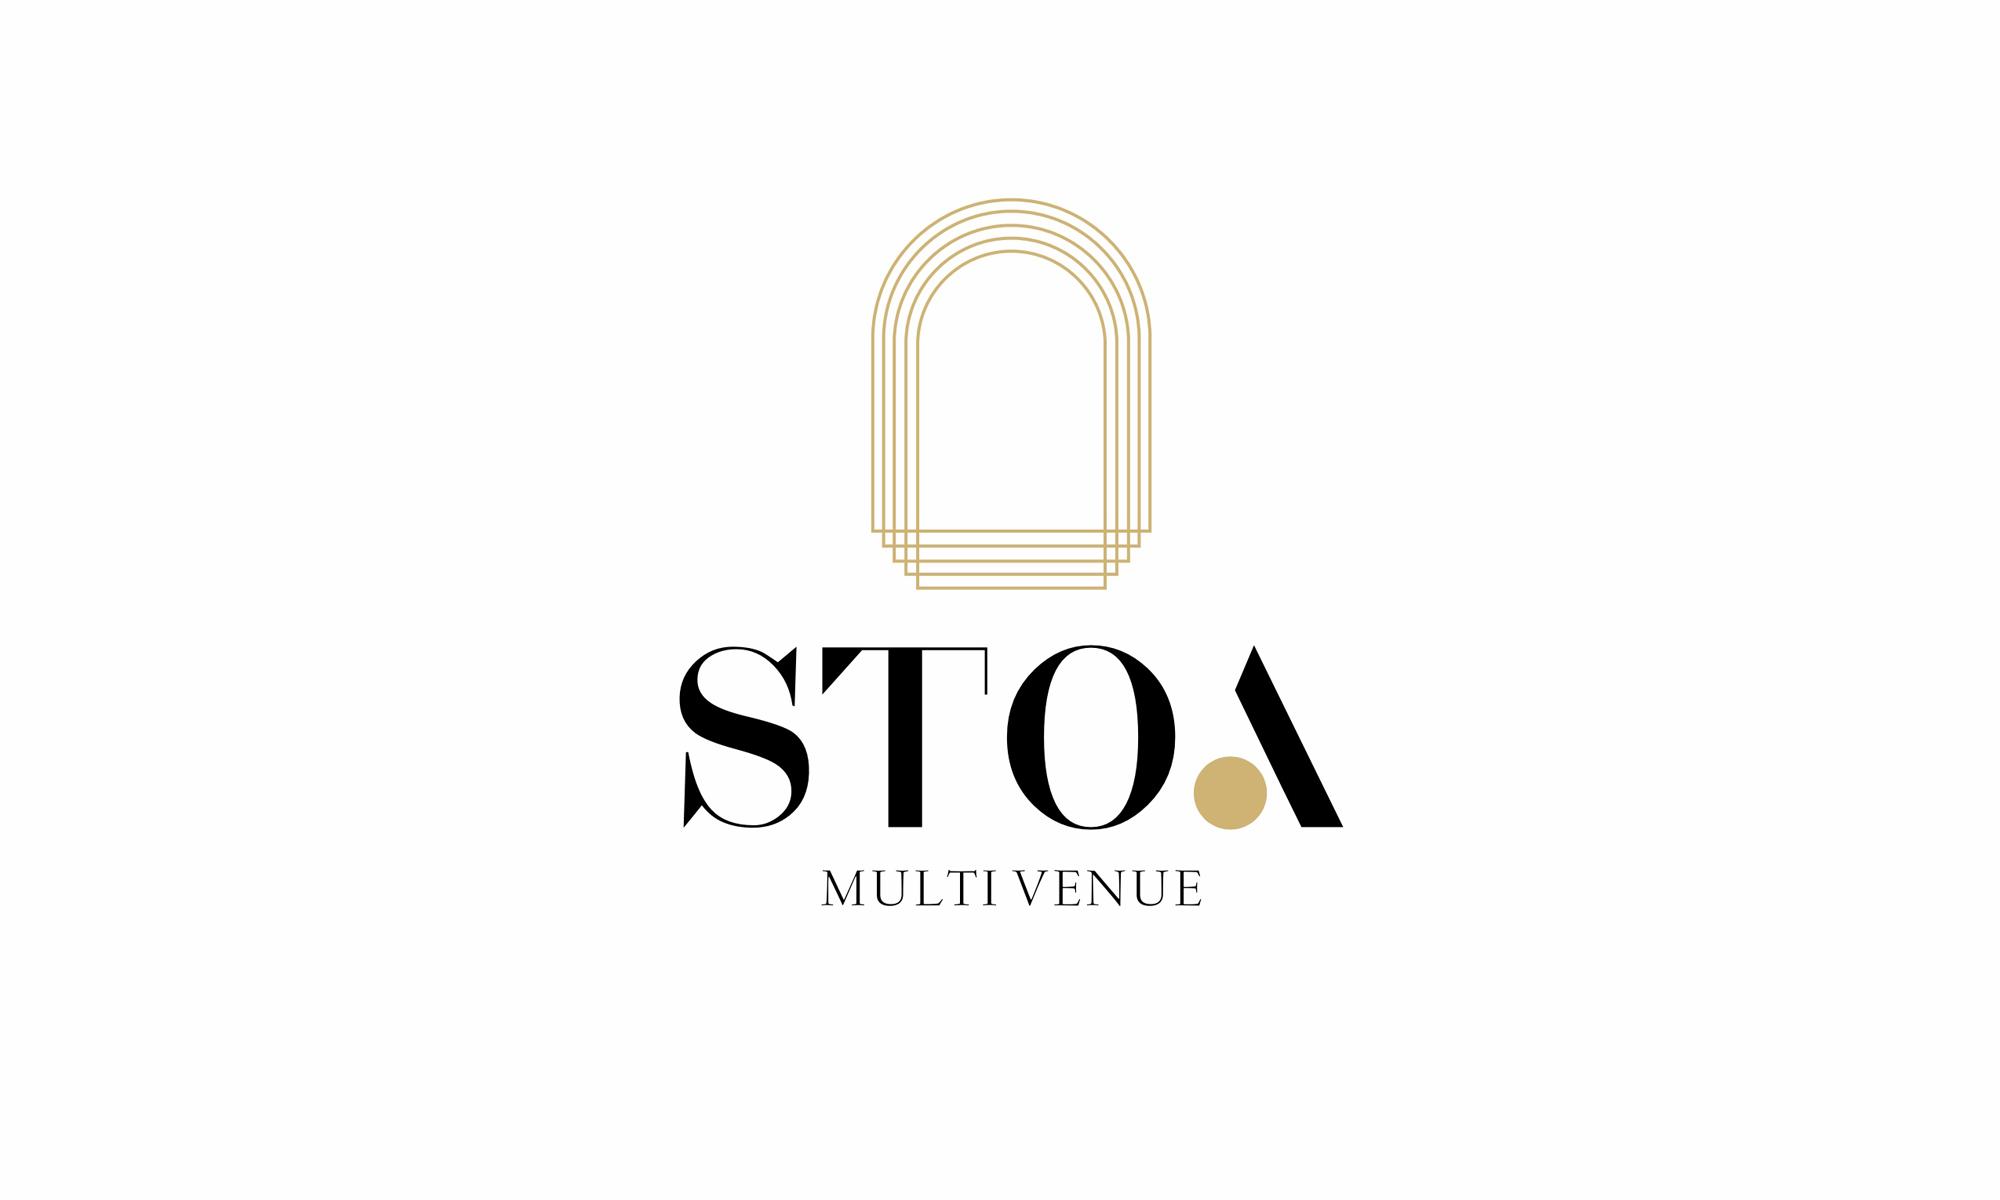 Stoa Center